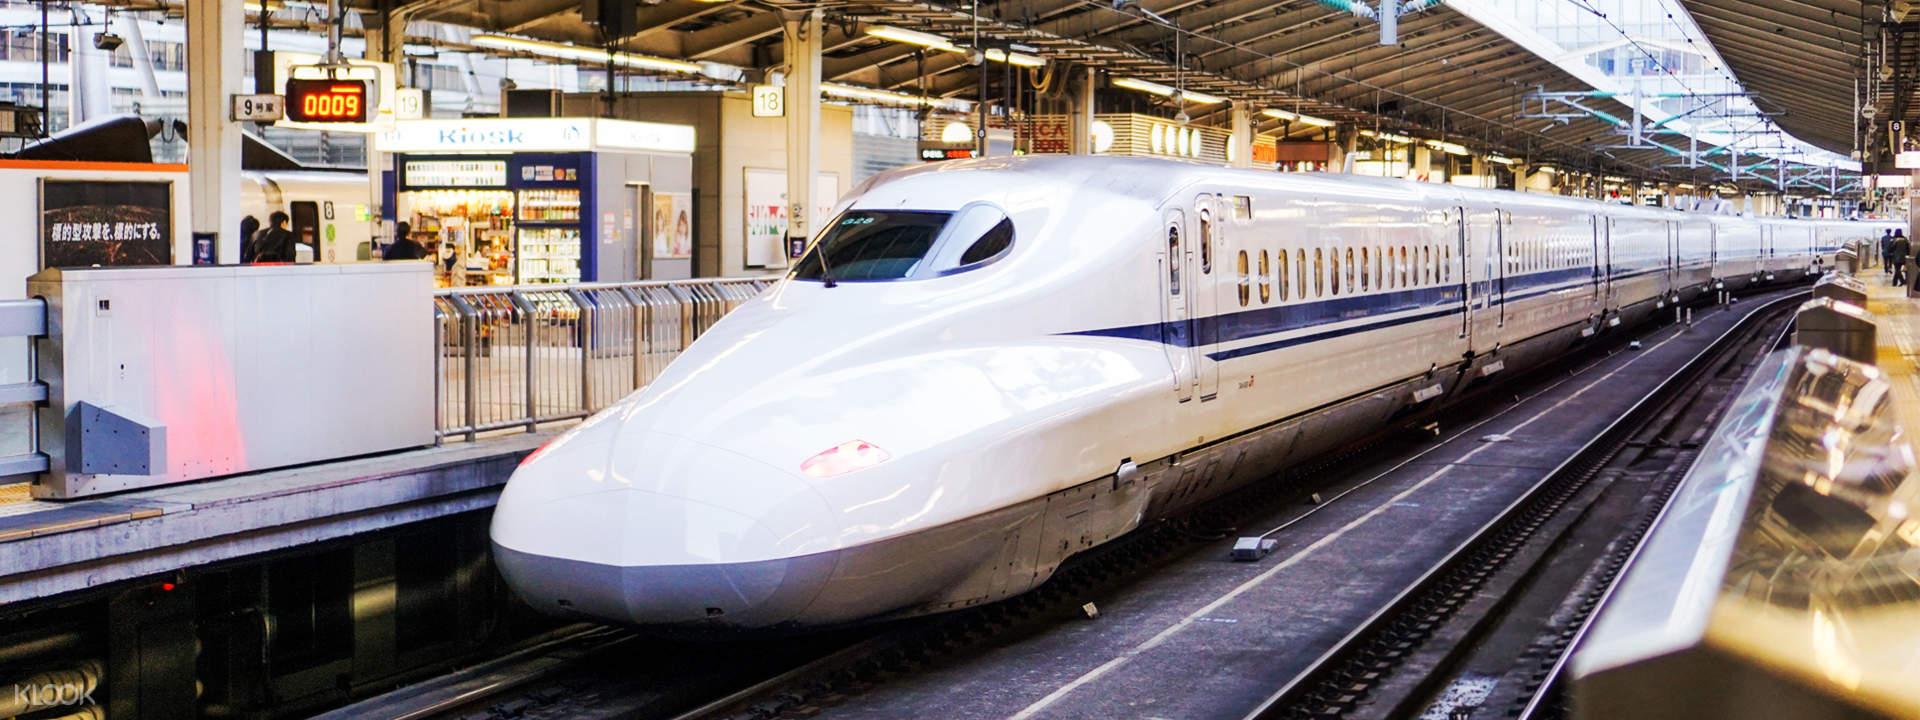 「日本新幹線子彈列車」的圖片搜尋結果